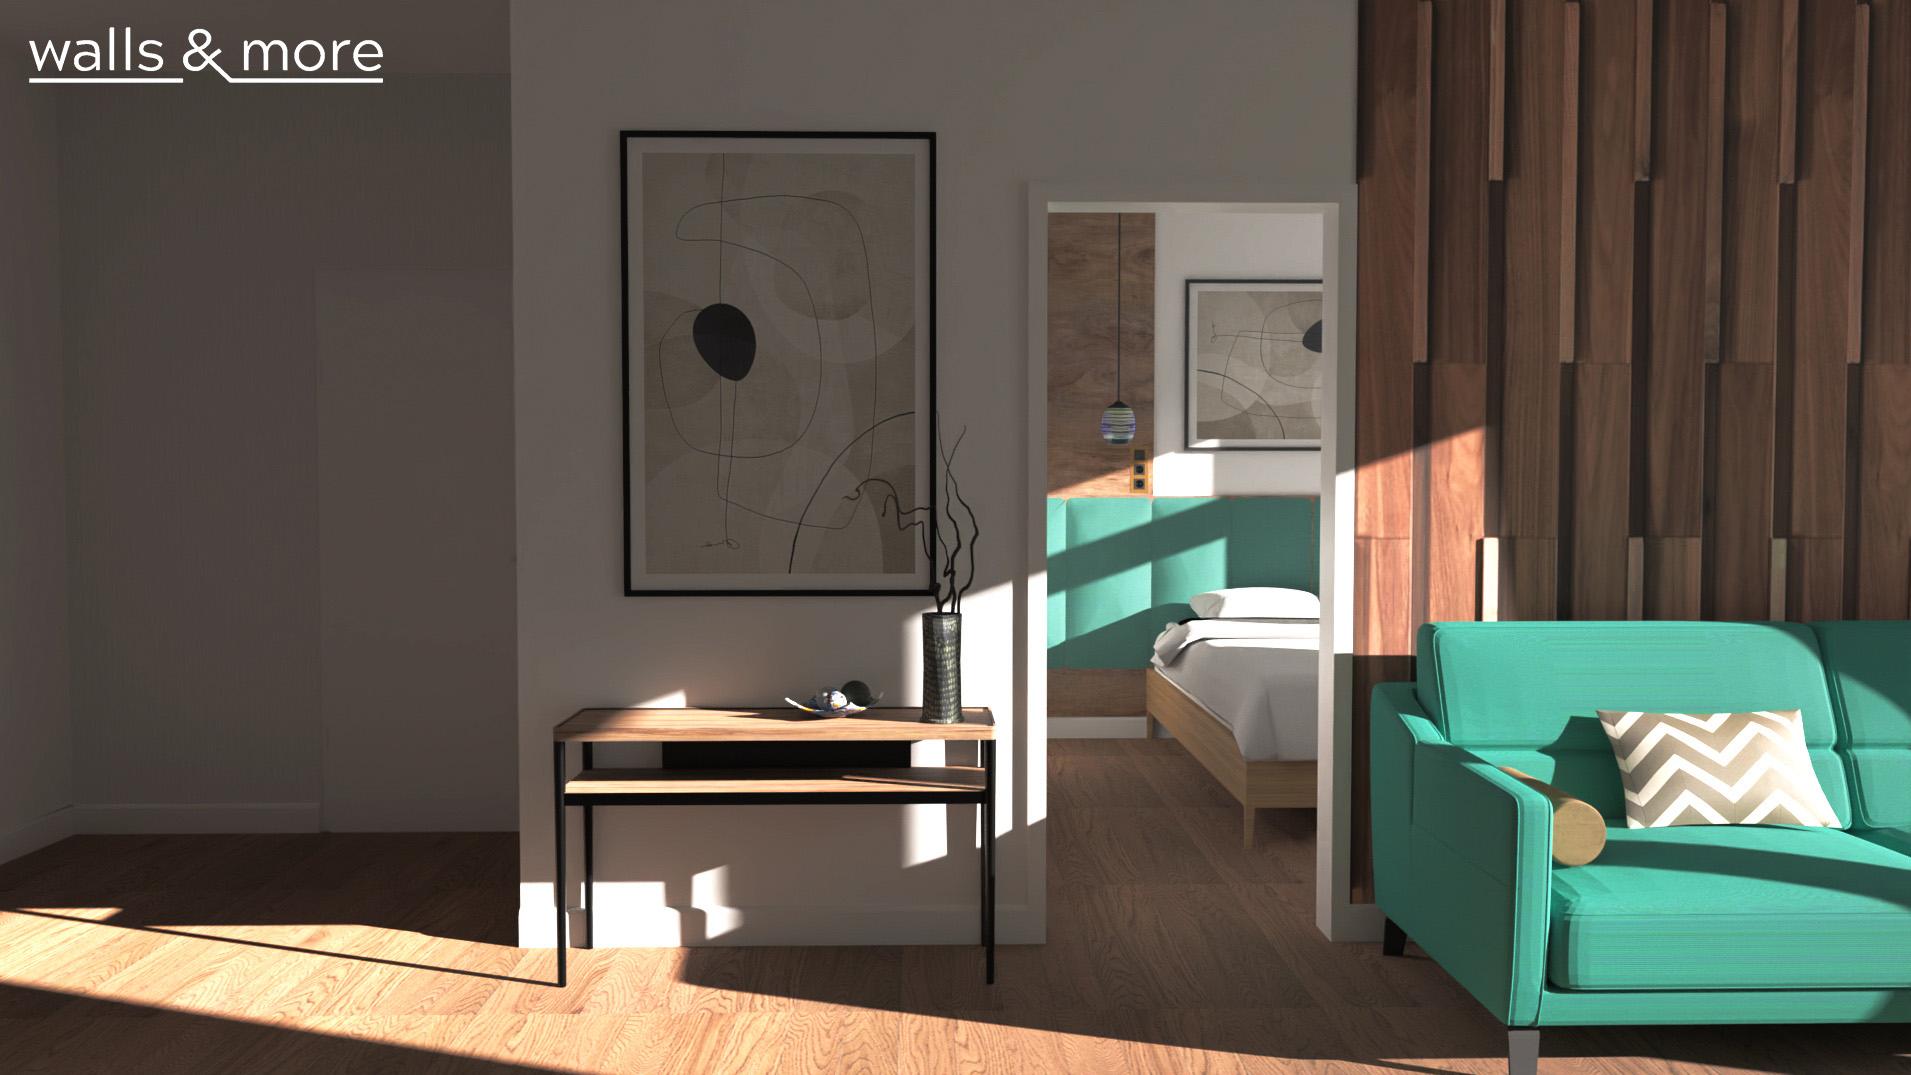 projektowanie wnętrz wallsandmore małe mieszkanie biel i zieleń